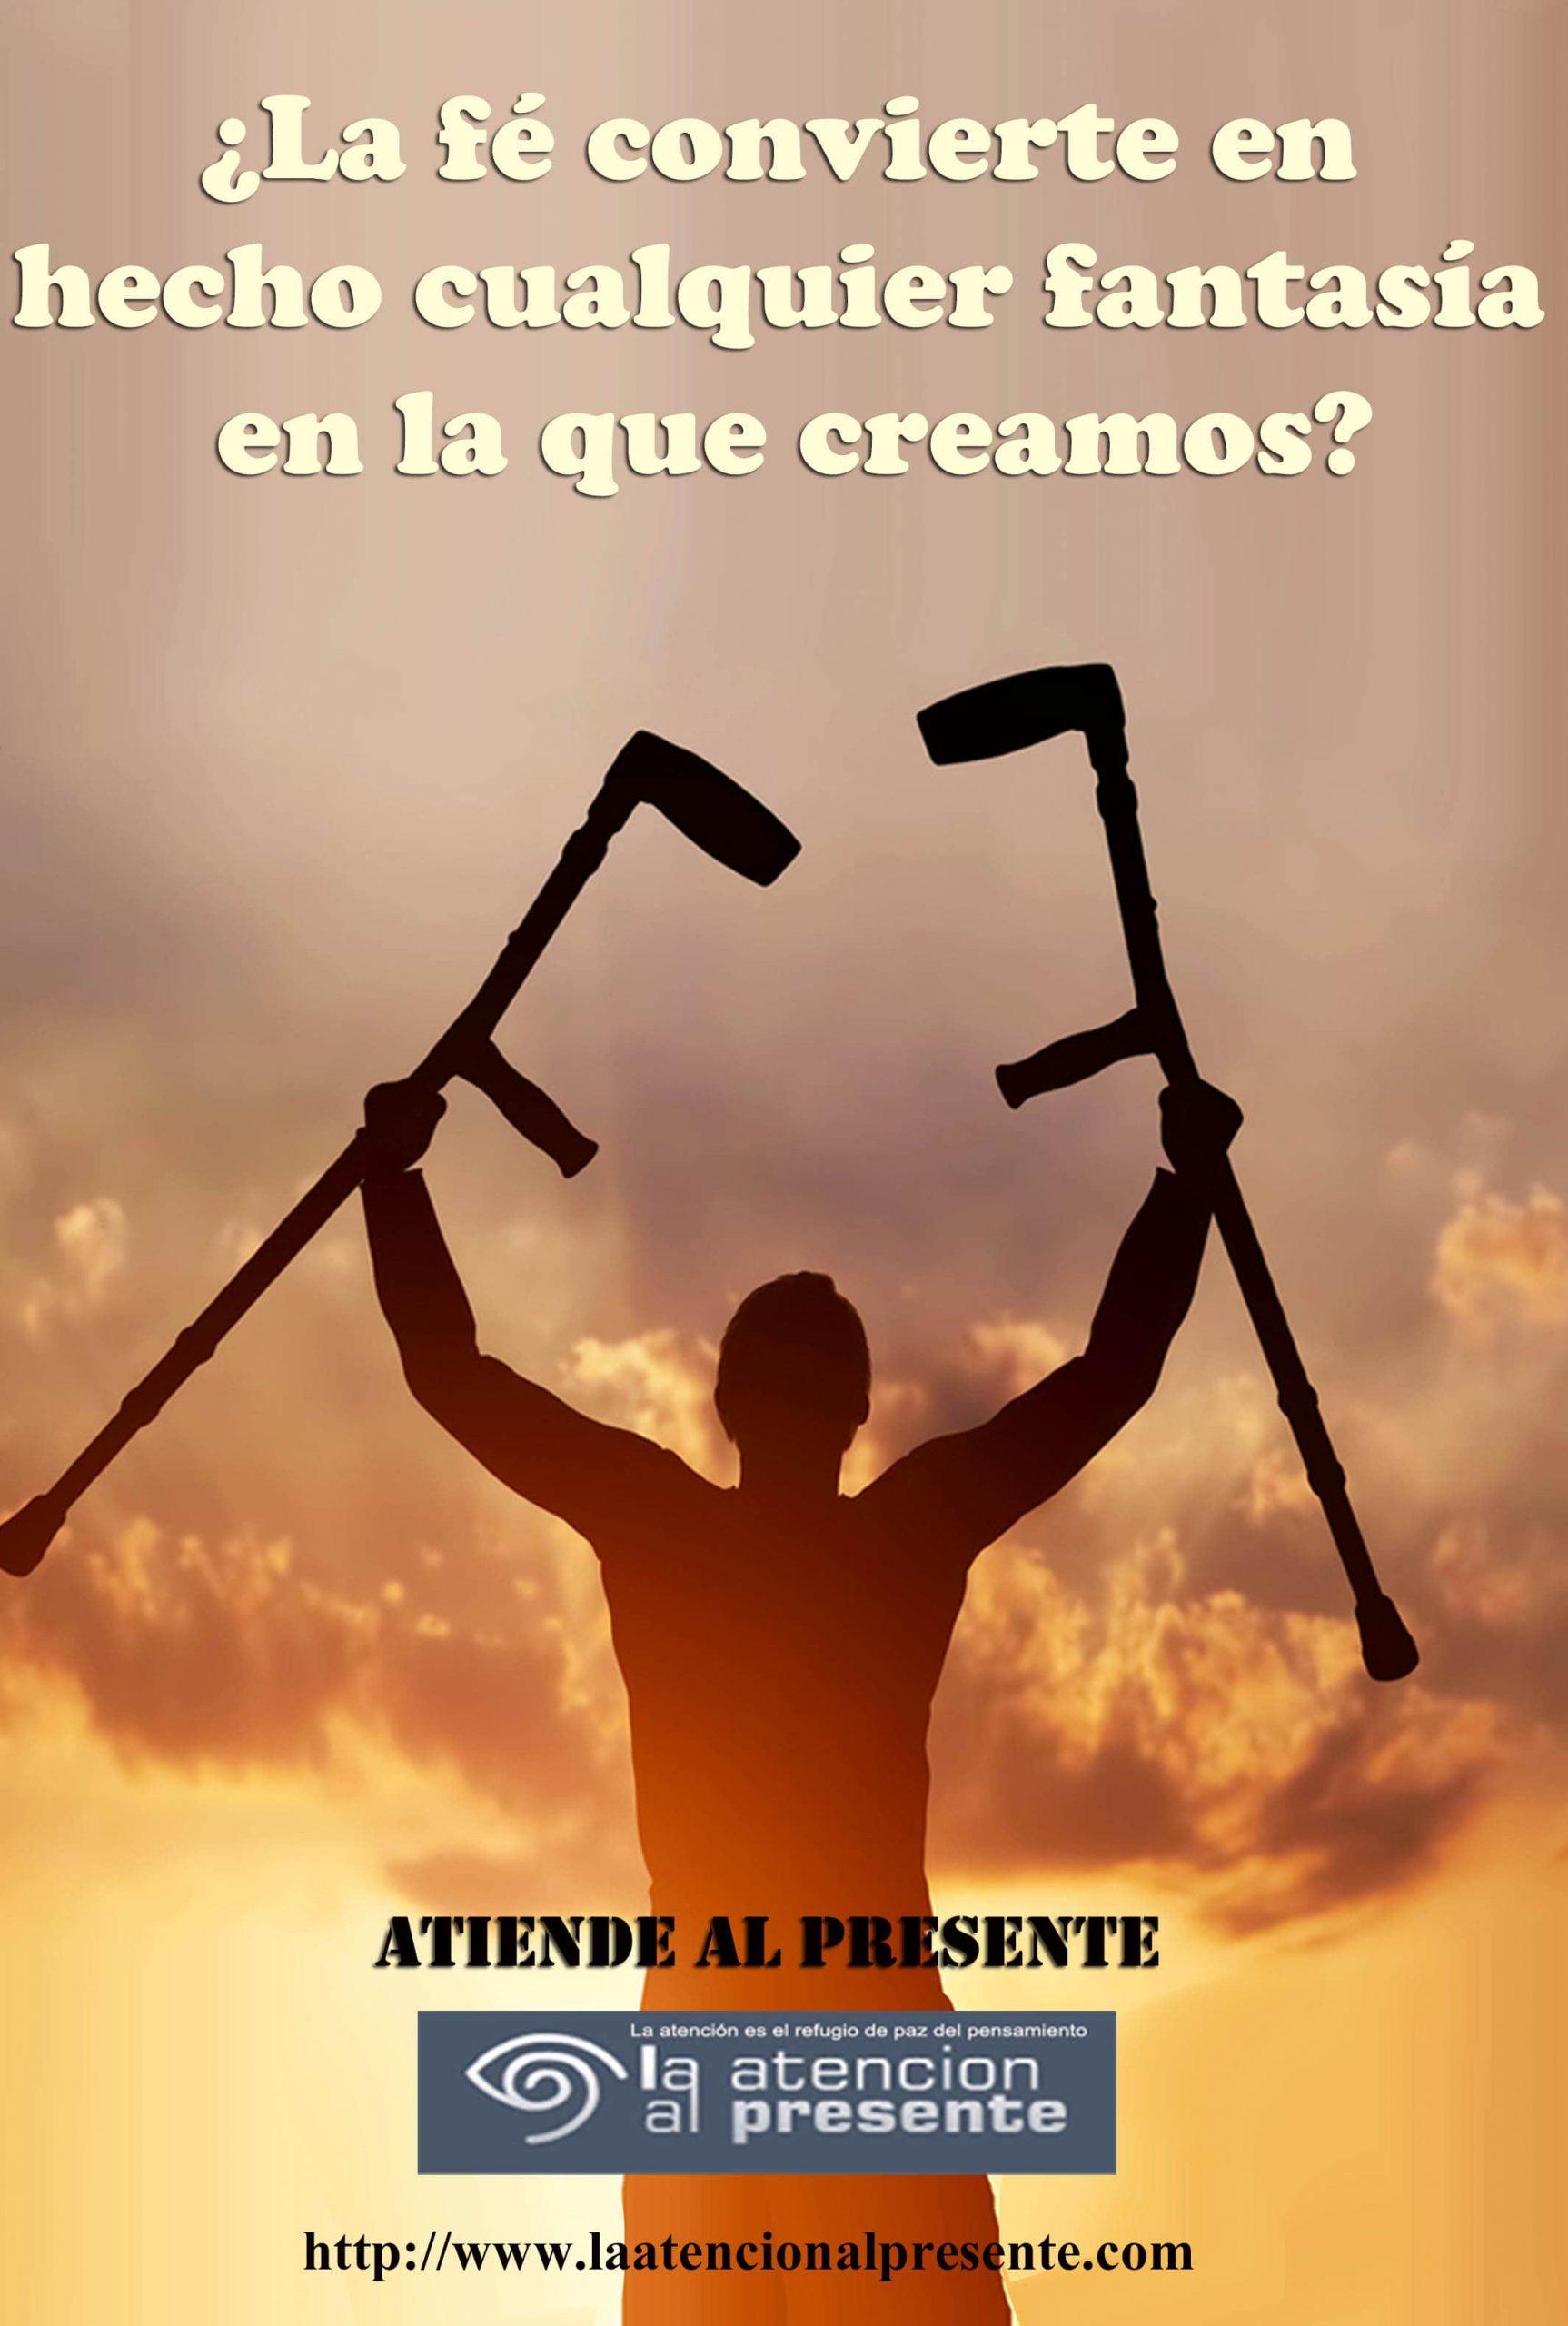 9 de agosto Esteban La fé convierte en hecho cualquier fantasía en la que creamos min scaled